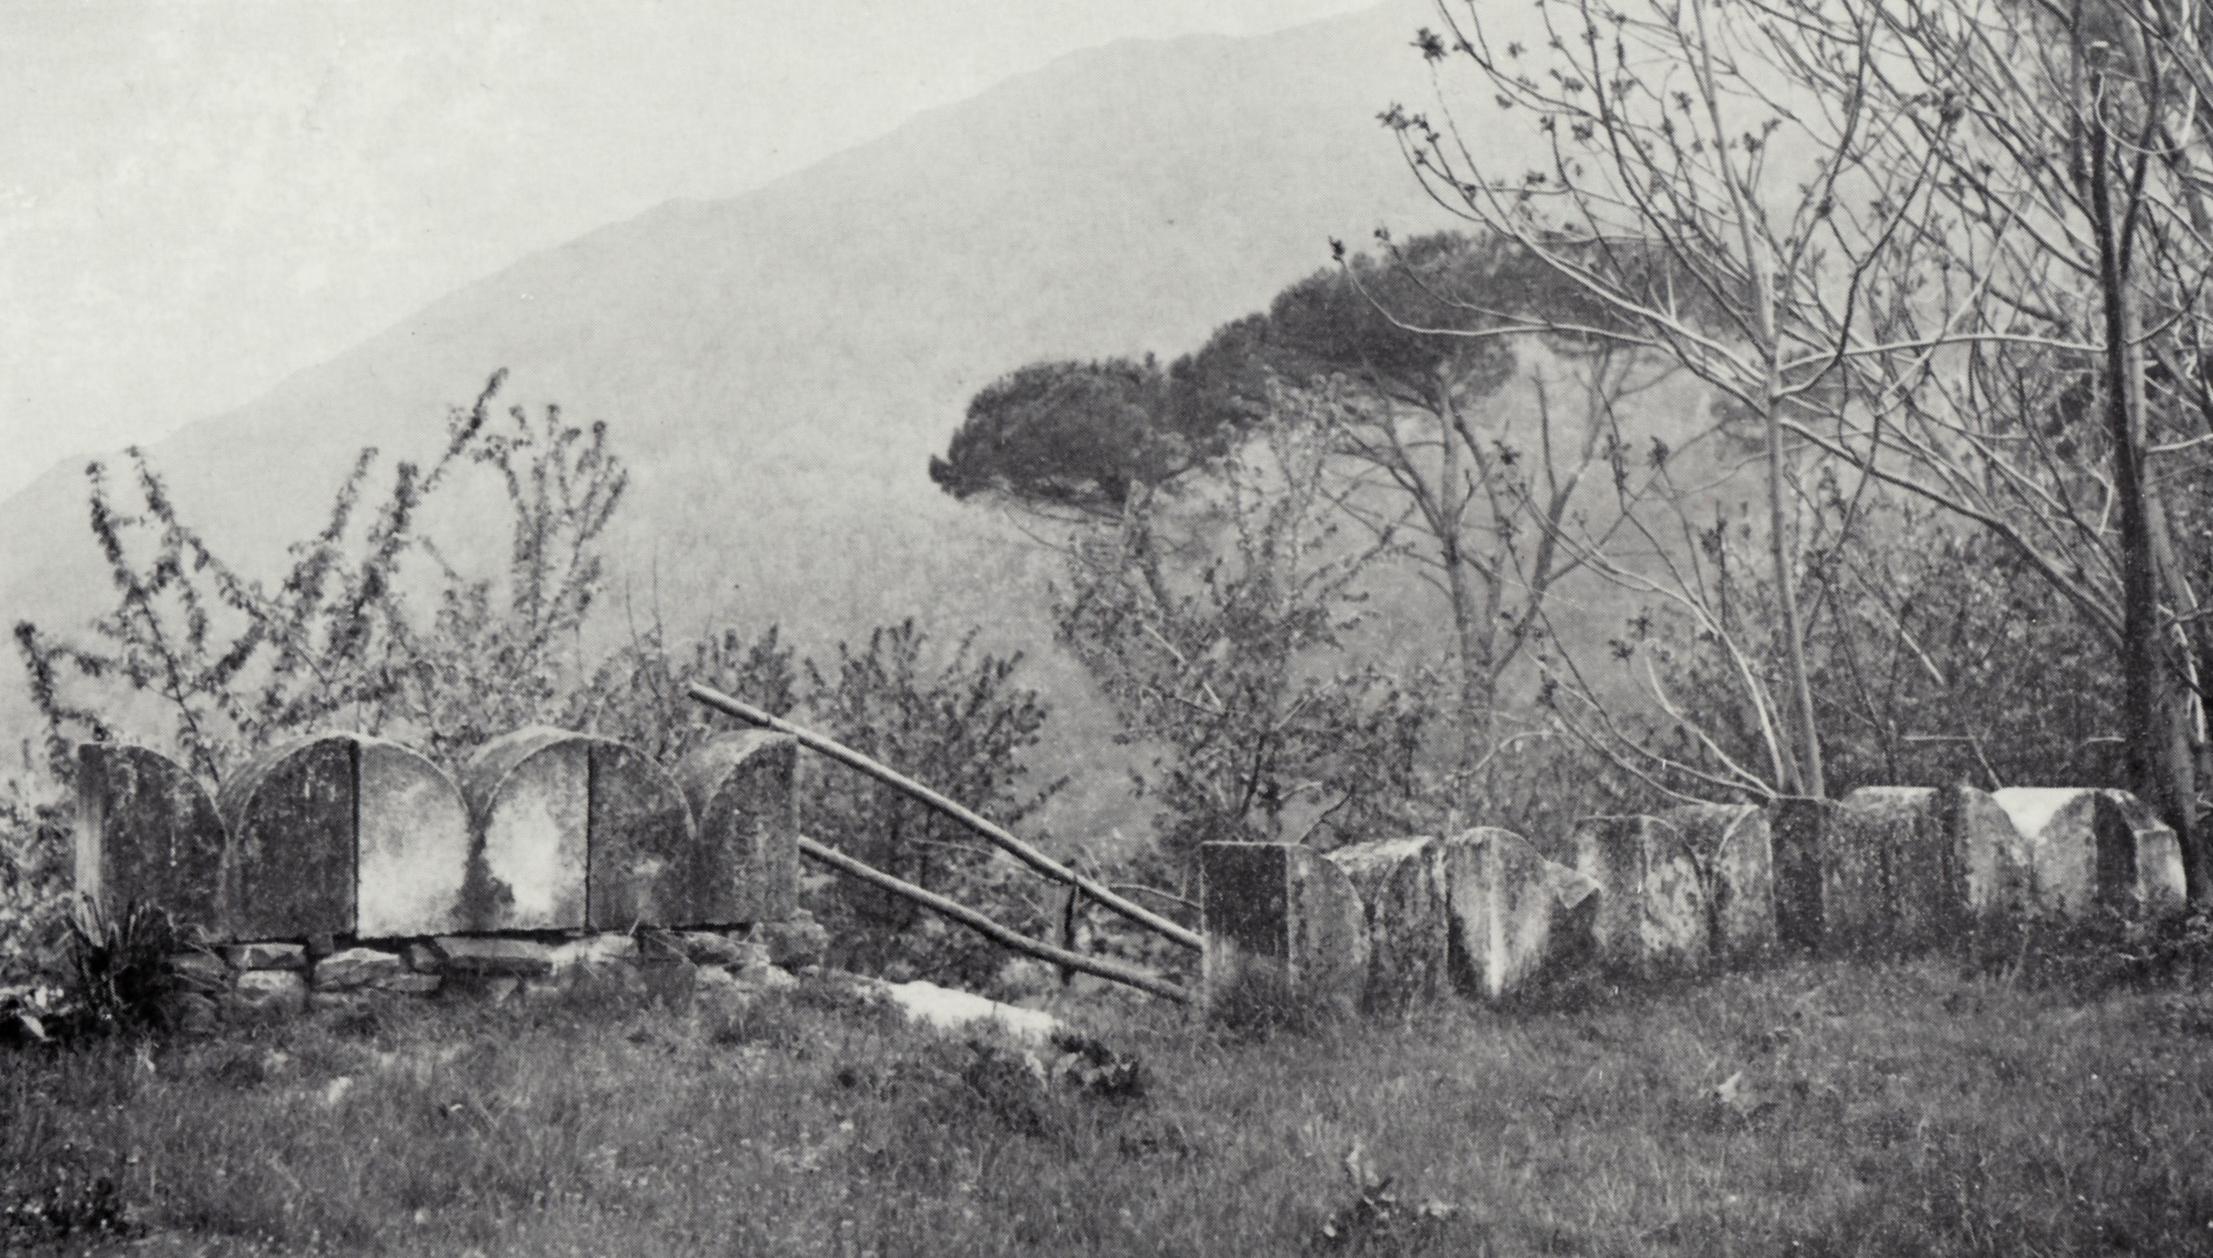 Angolo del parco della Sanguinetana Villa con merli ghibellini in arenaria ridotti e si vede da questa foto all umile ruolo di fungere da